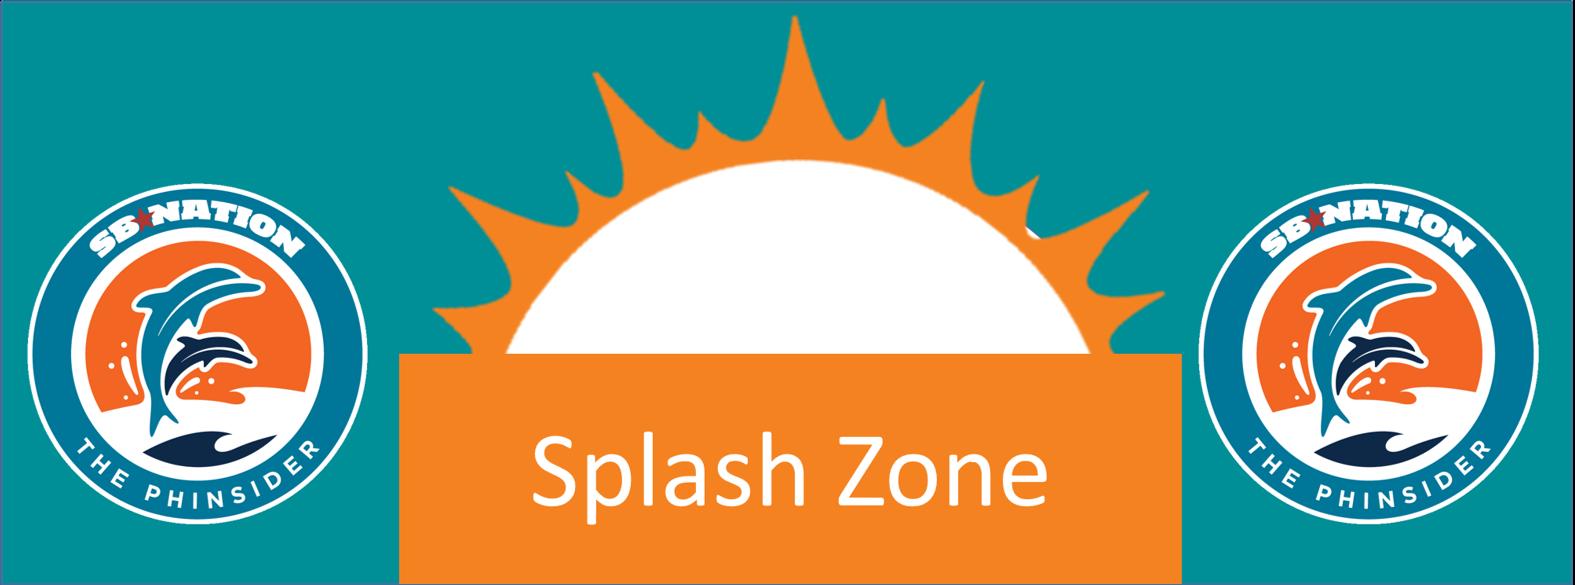 Splash_zone.0